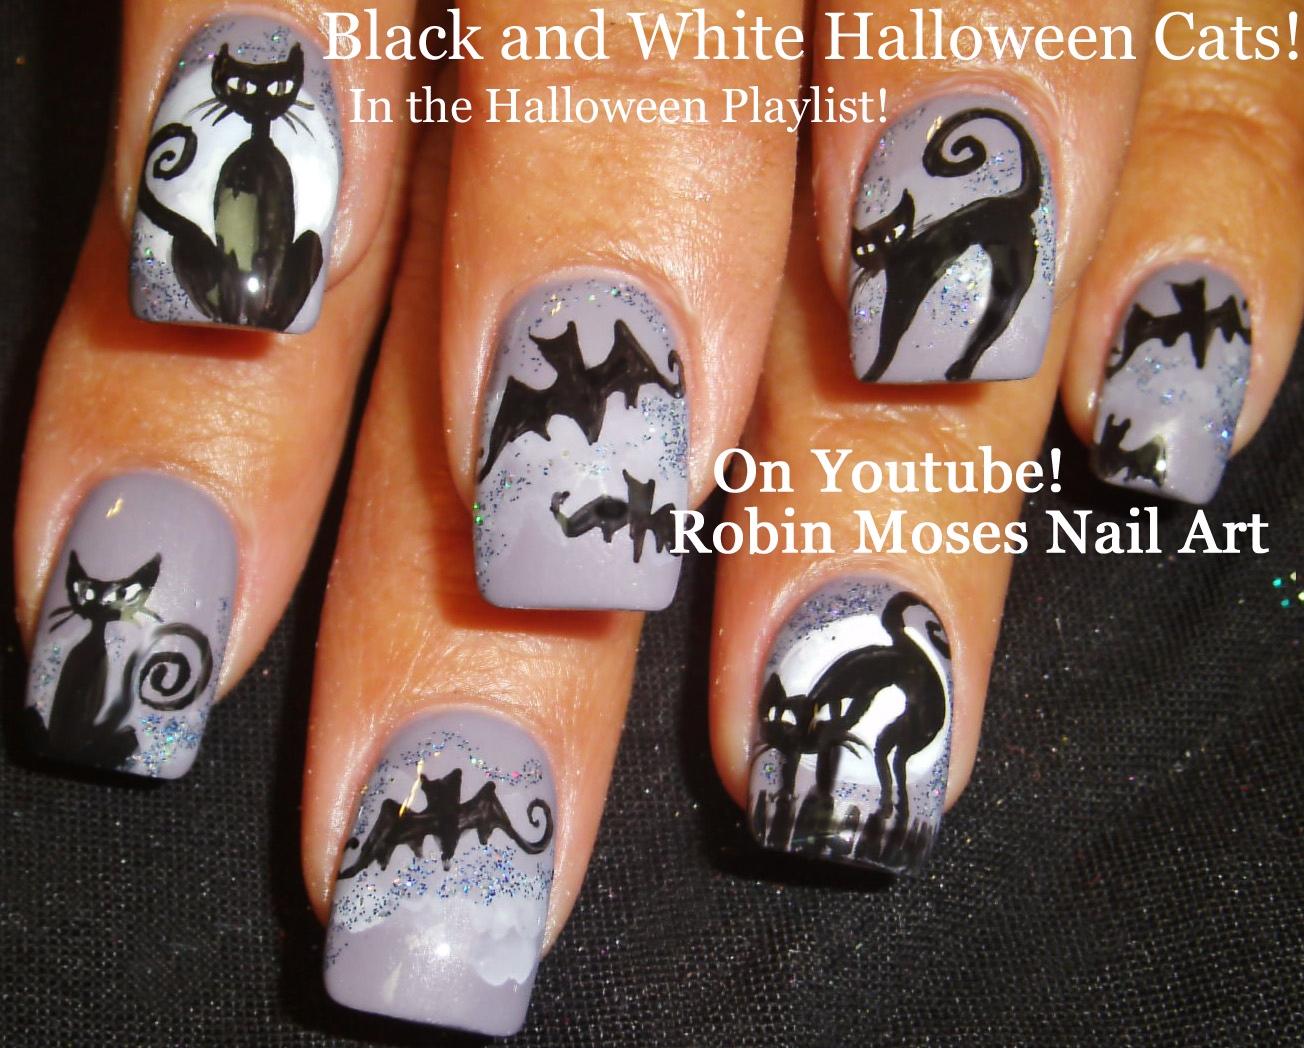 Robin moses nail art halloween nails halloween nail art diy halloween nails halloween nail art diy halloween nails prinsesfo Gallery